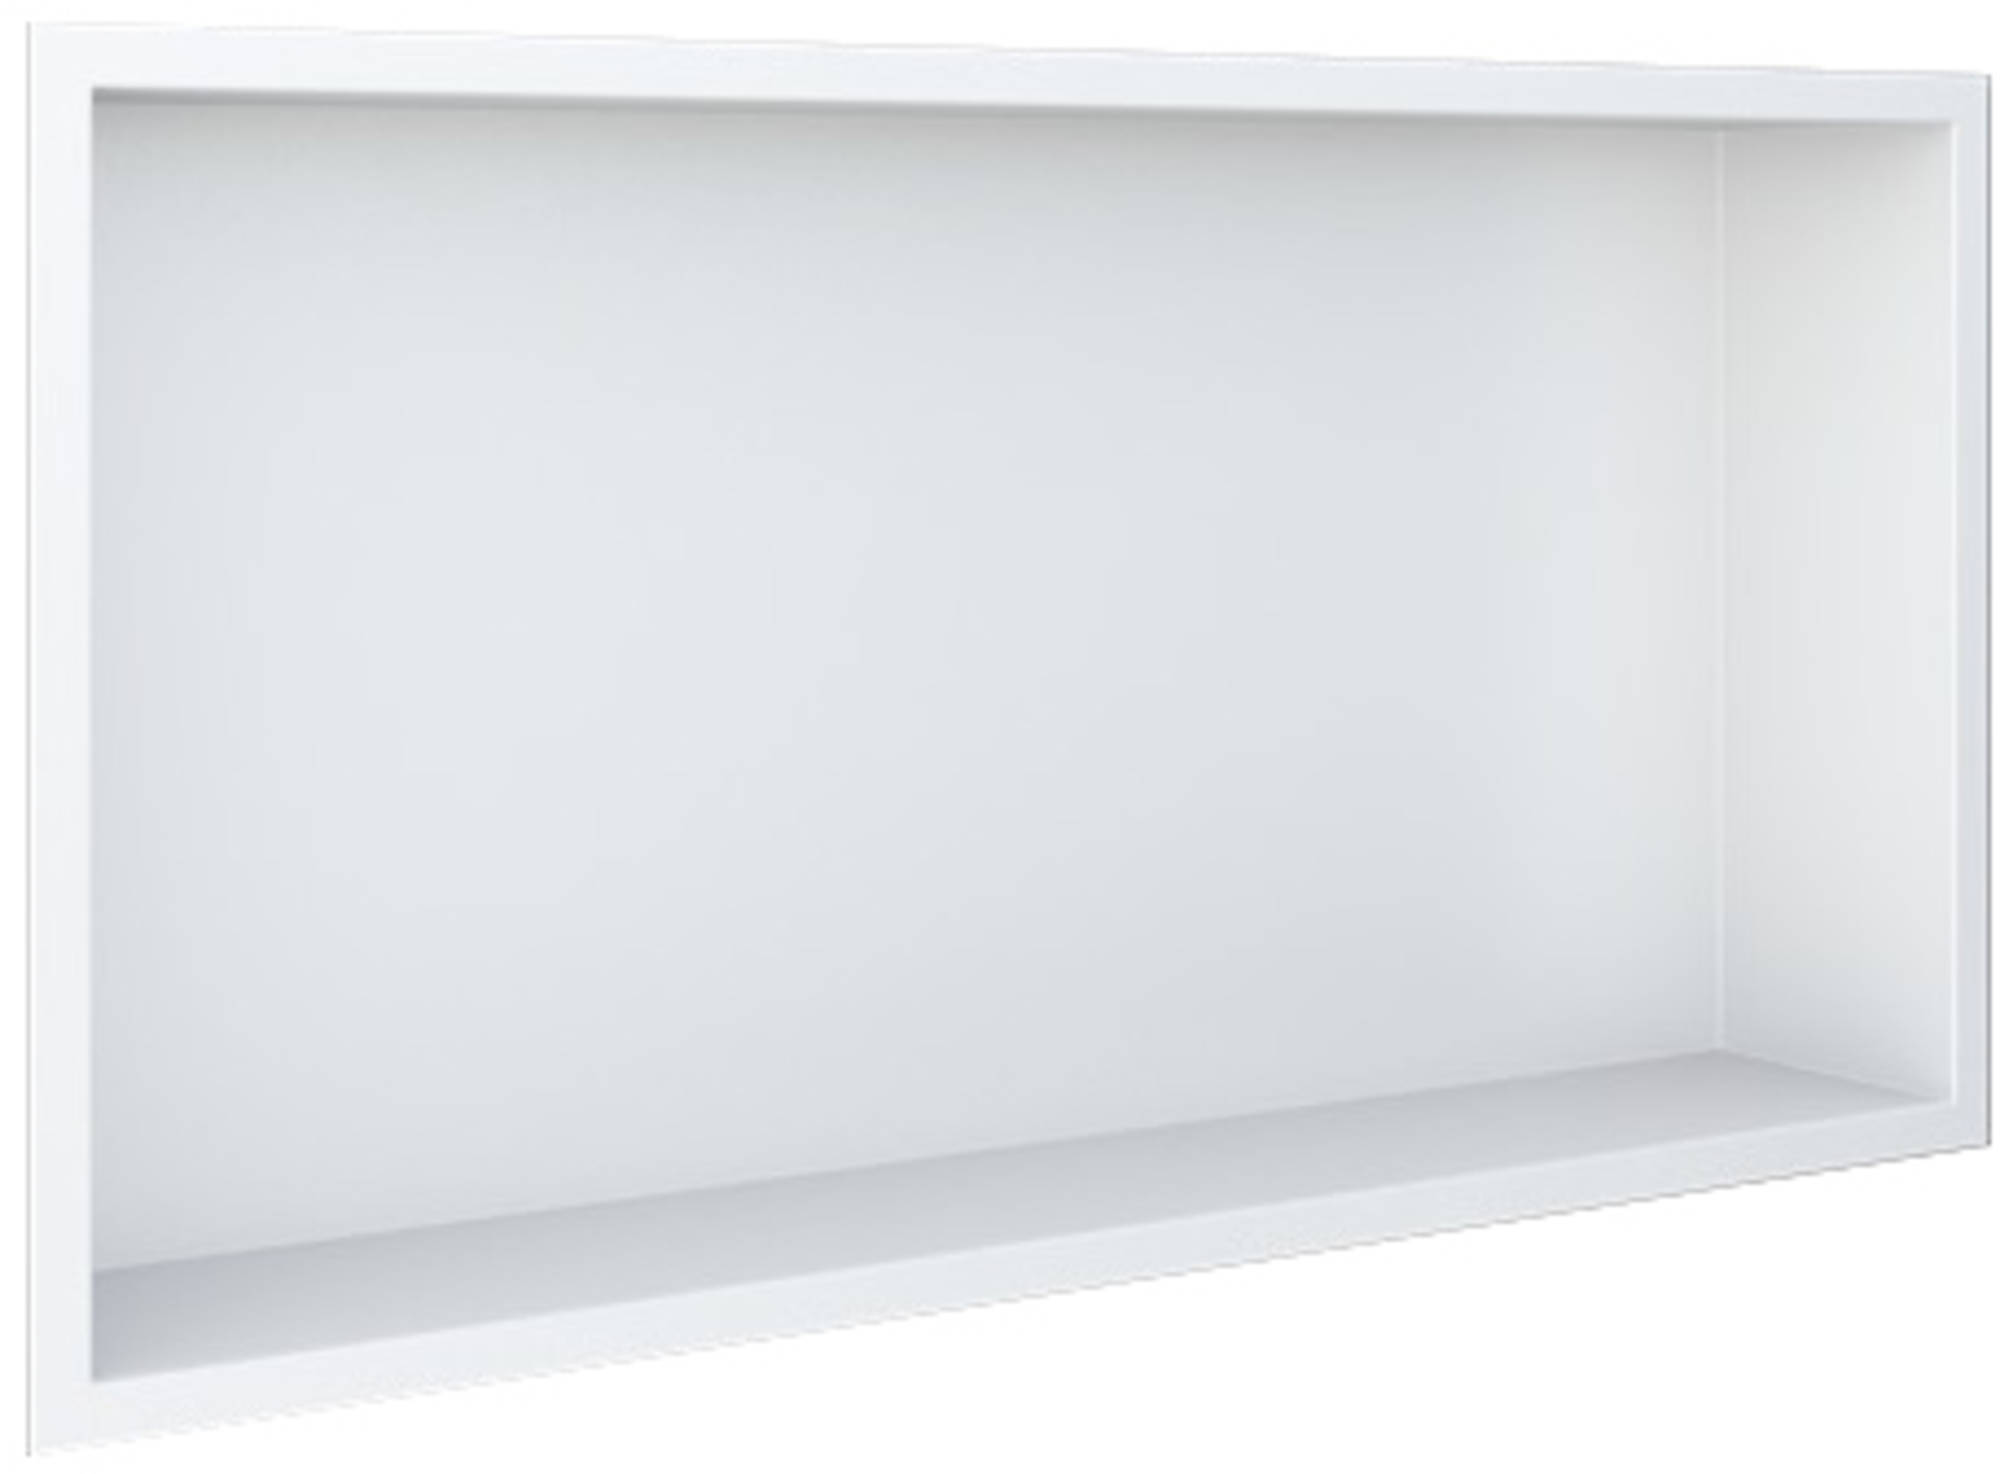 Looox BoX Inbouwnis 62,3x7,5x32,3 cm Wit